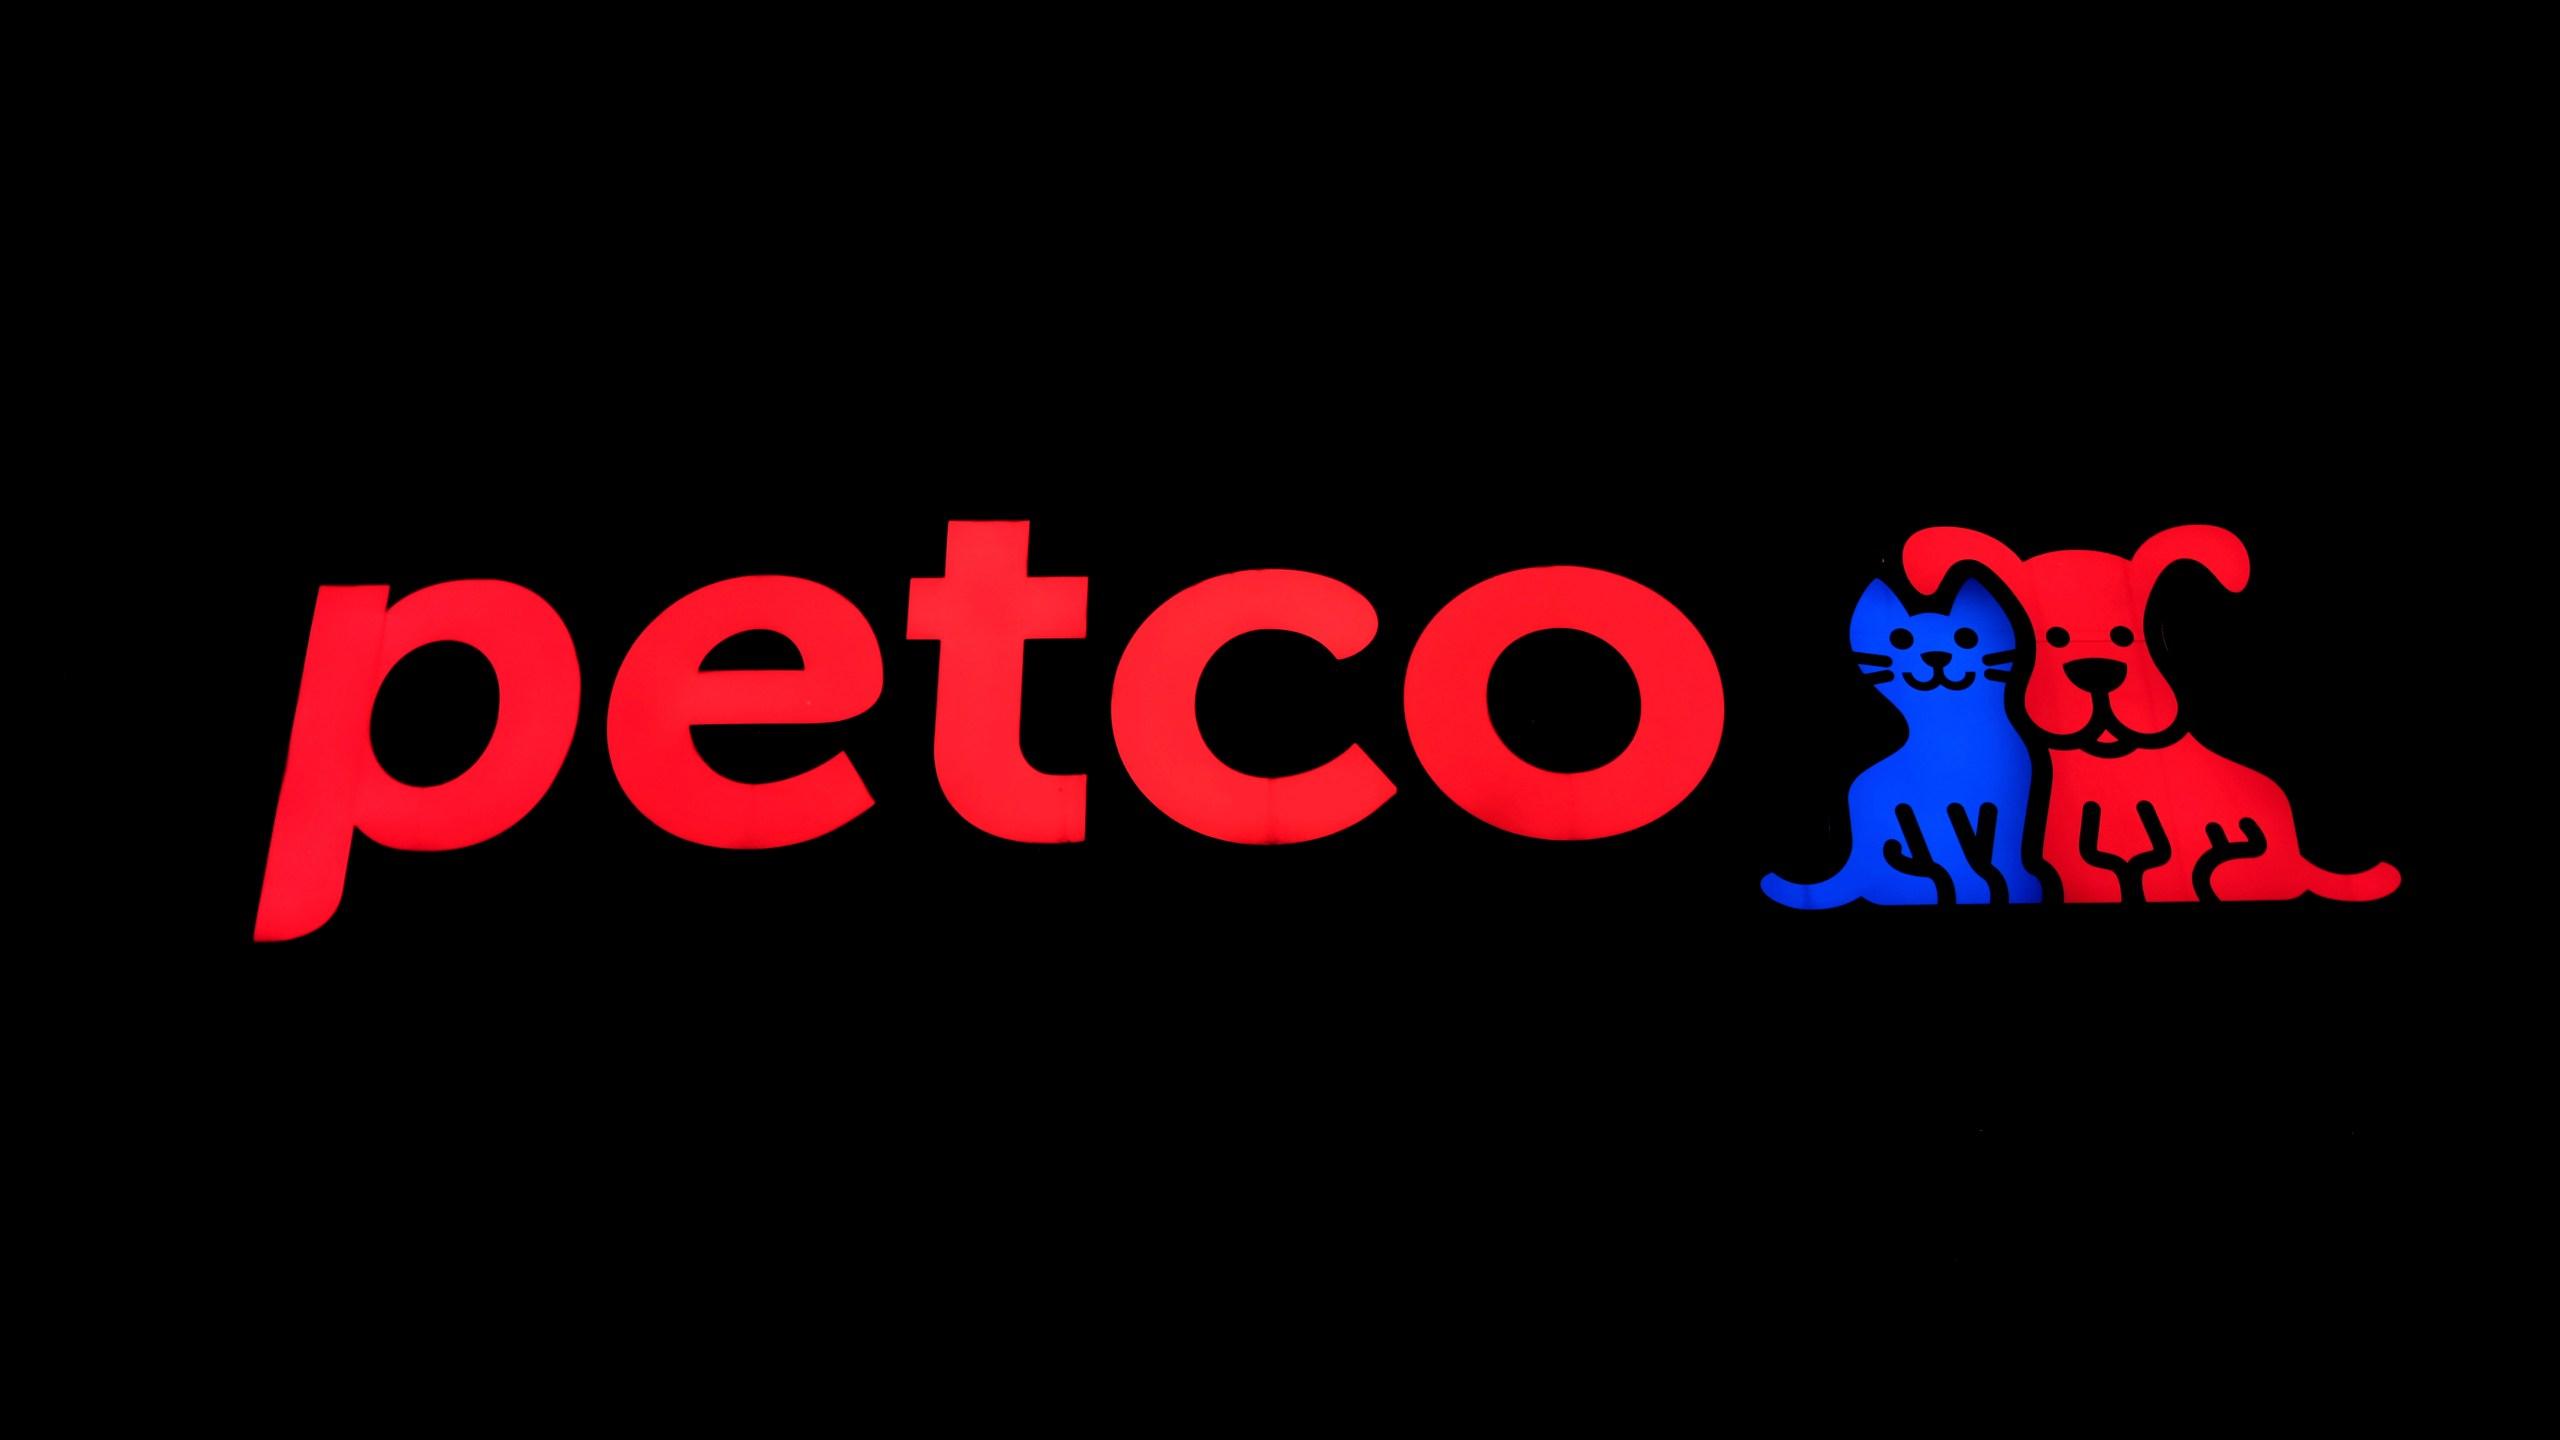 Petco_Natural_Food_31451-159532.jpg51289898